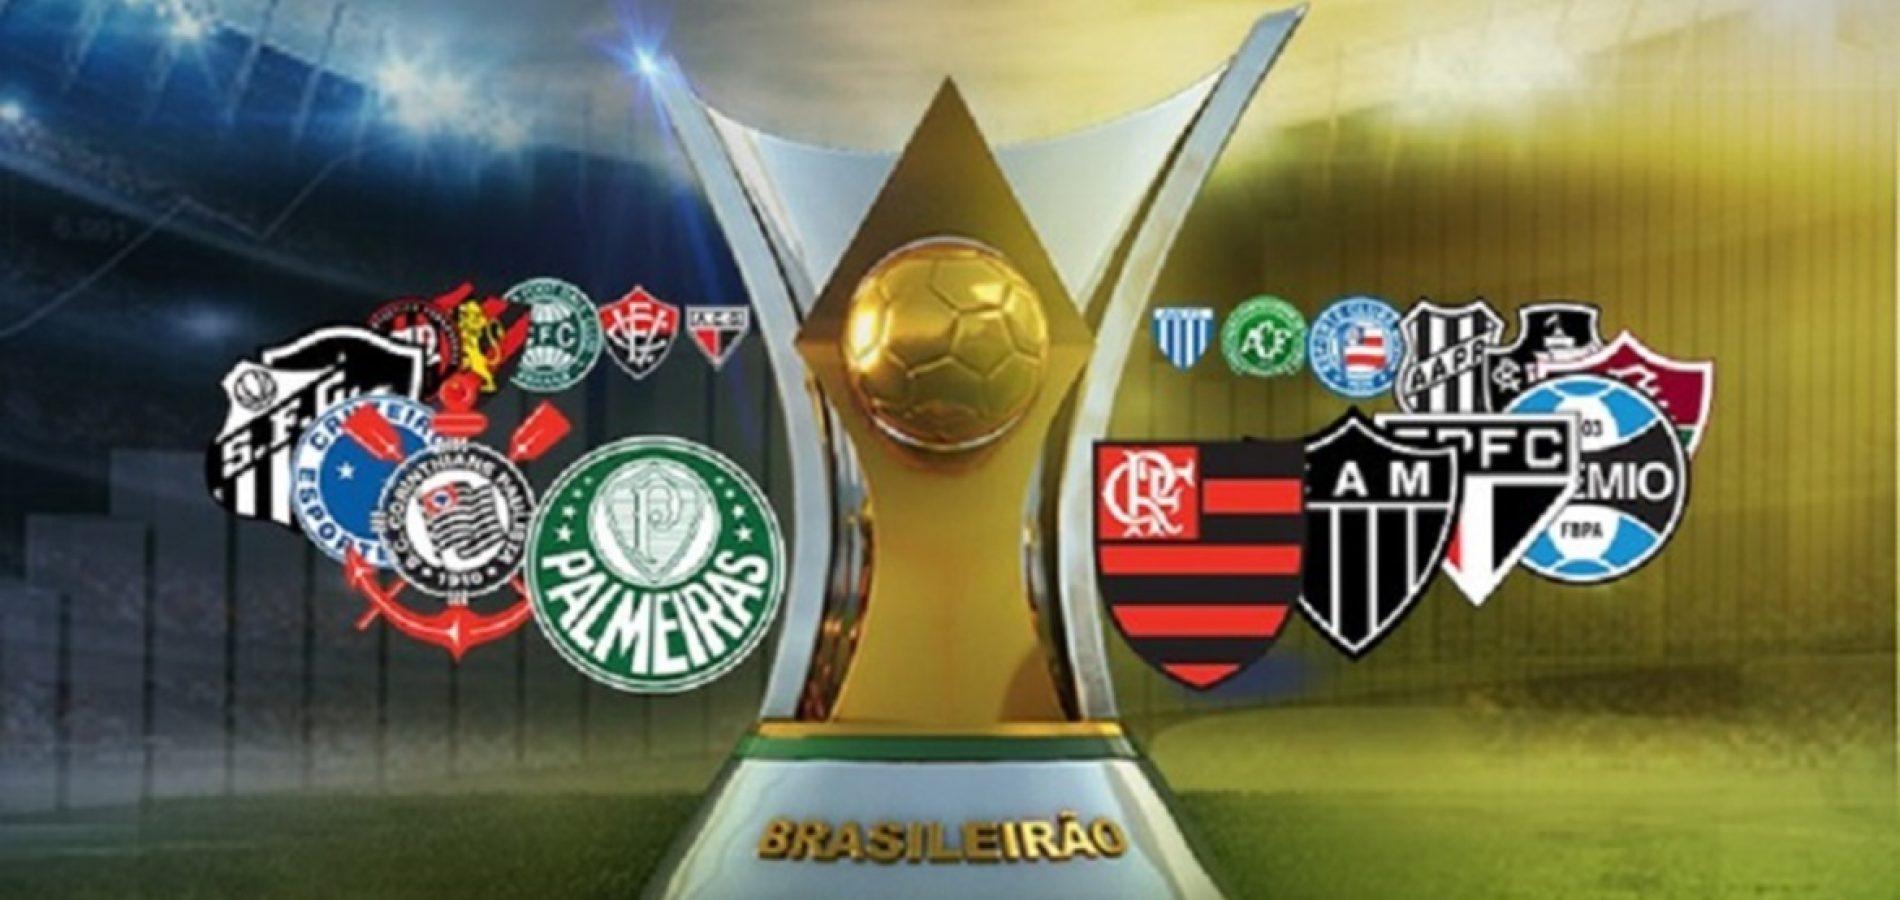 Veja a classificação do Brasileirão após os jogos deste domingo